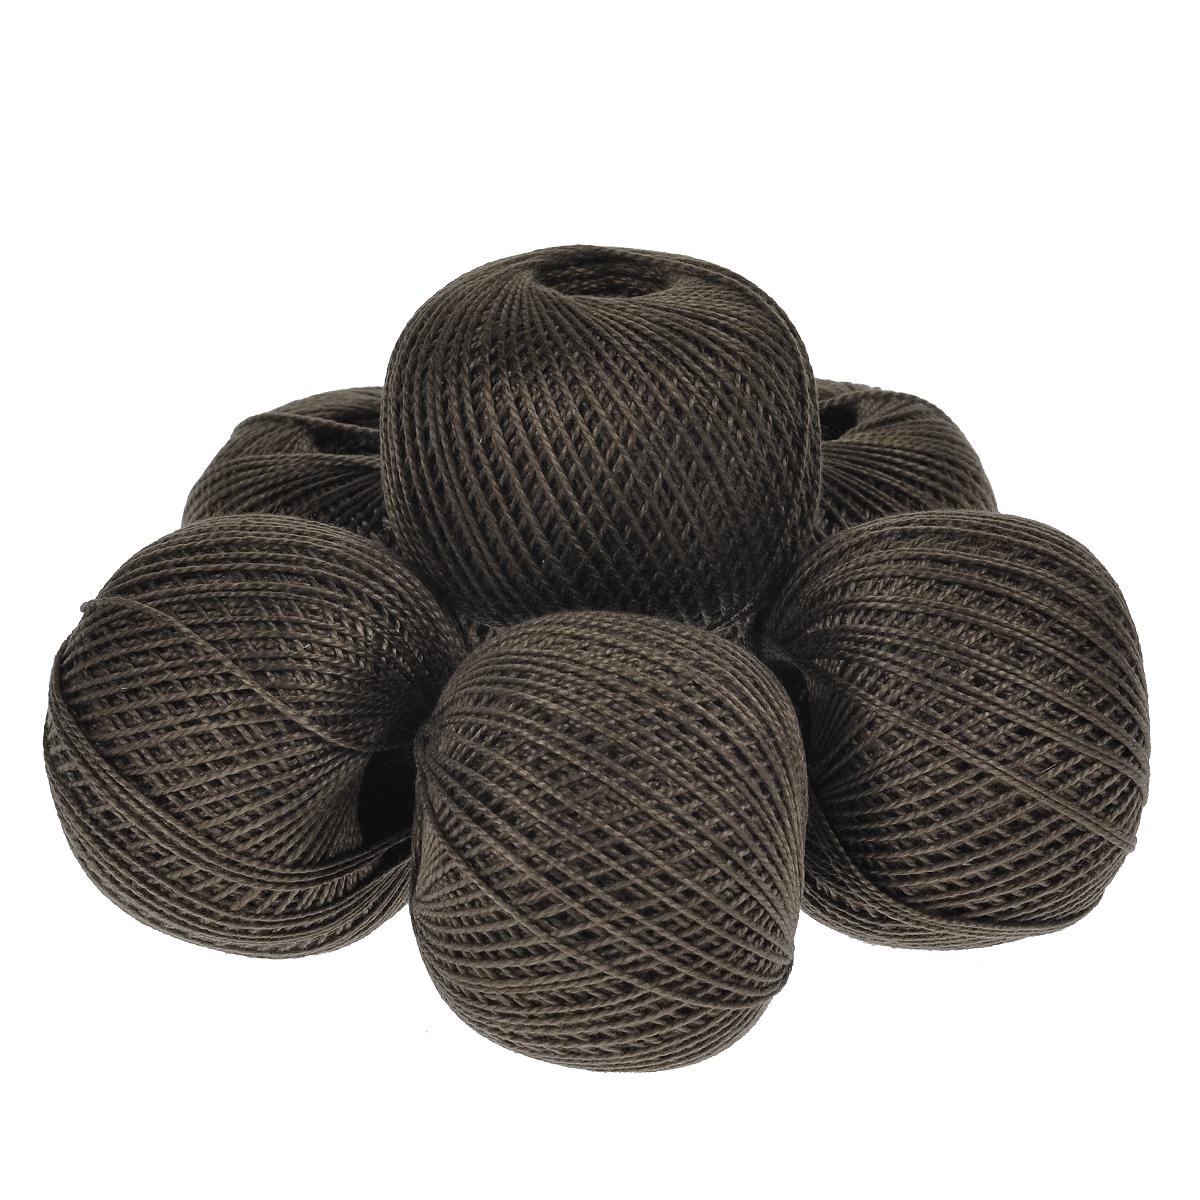 Нитки вязальные Ирис, хлопчатобумажные, цвет: темно-коричневый (5812), 150 м, 25 г, 6 шт0211102365778